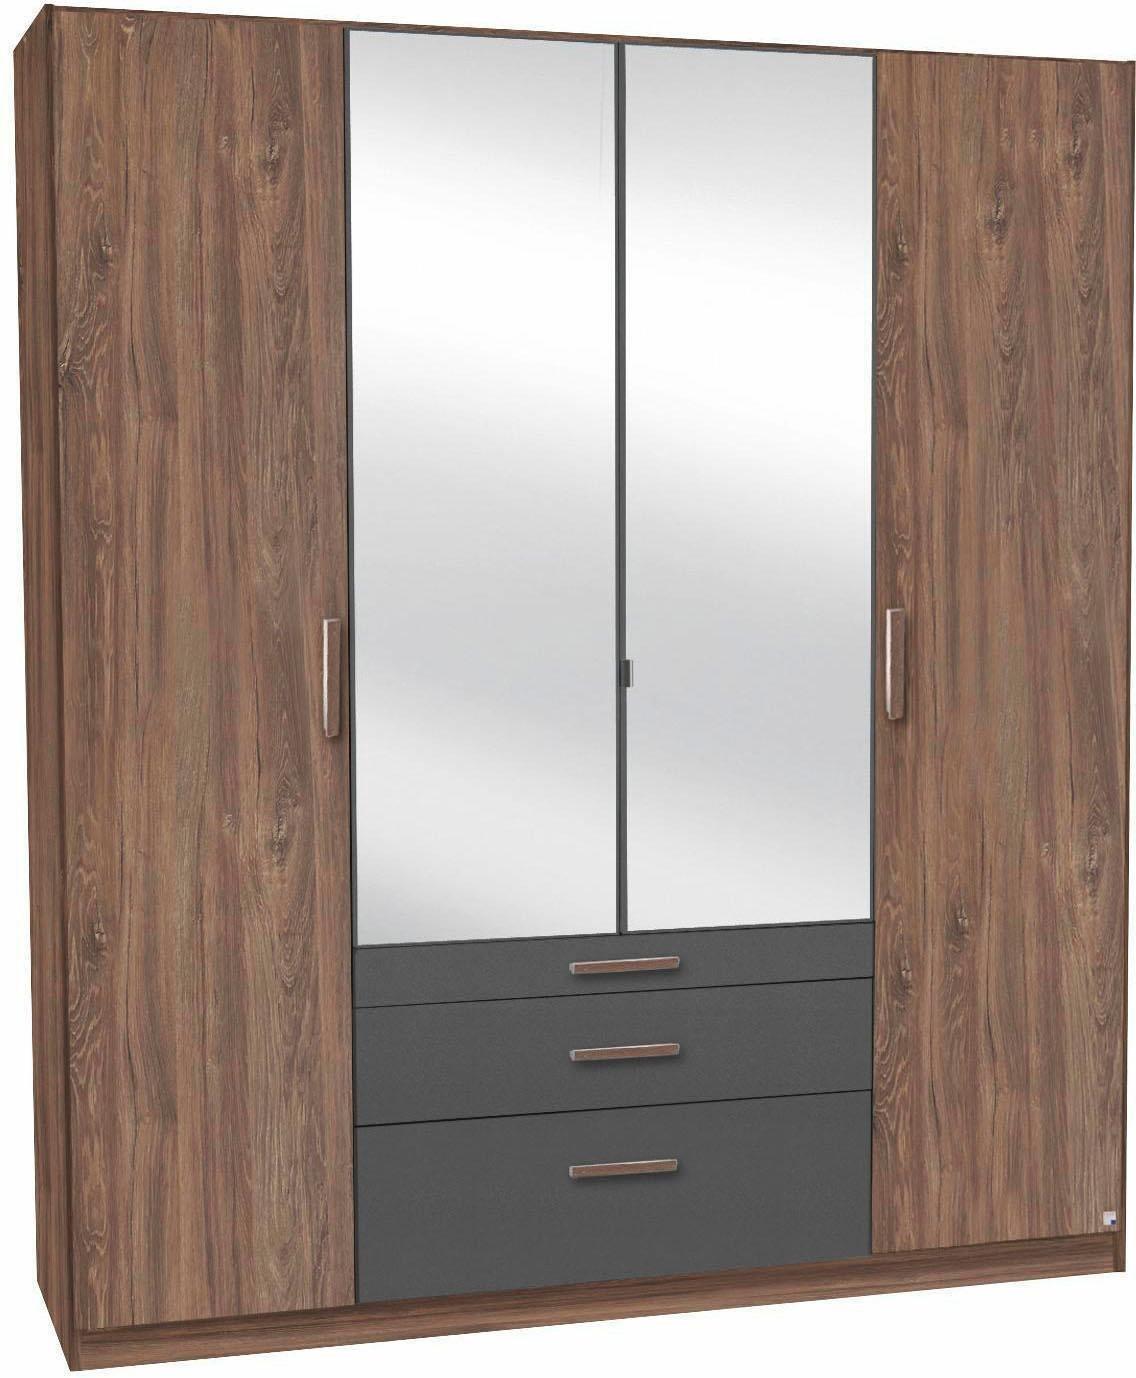 rauch pack s kleiderschrank grau online kaufen bei woonio. Black Bedroom Furniture Sets. Home Design Ideas